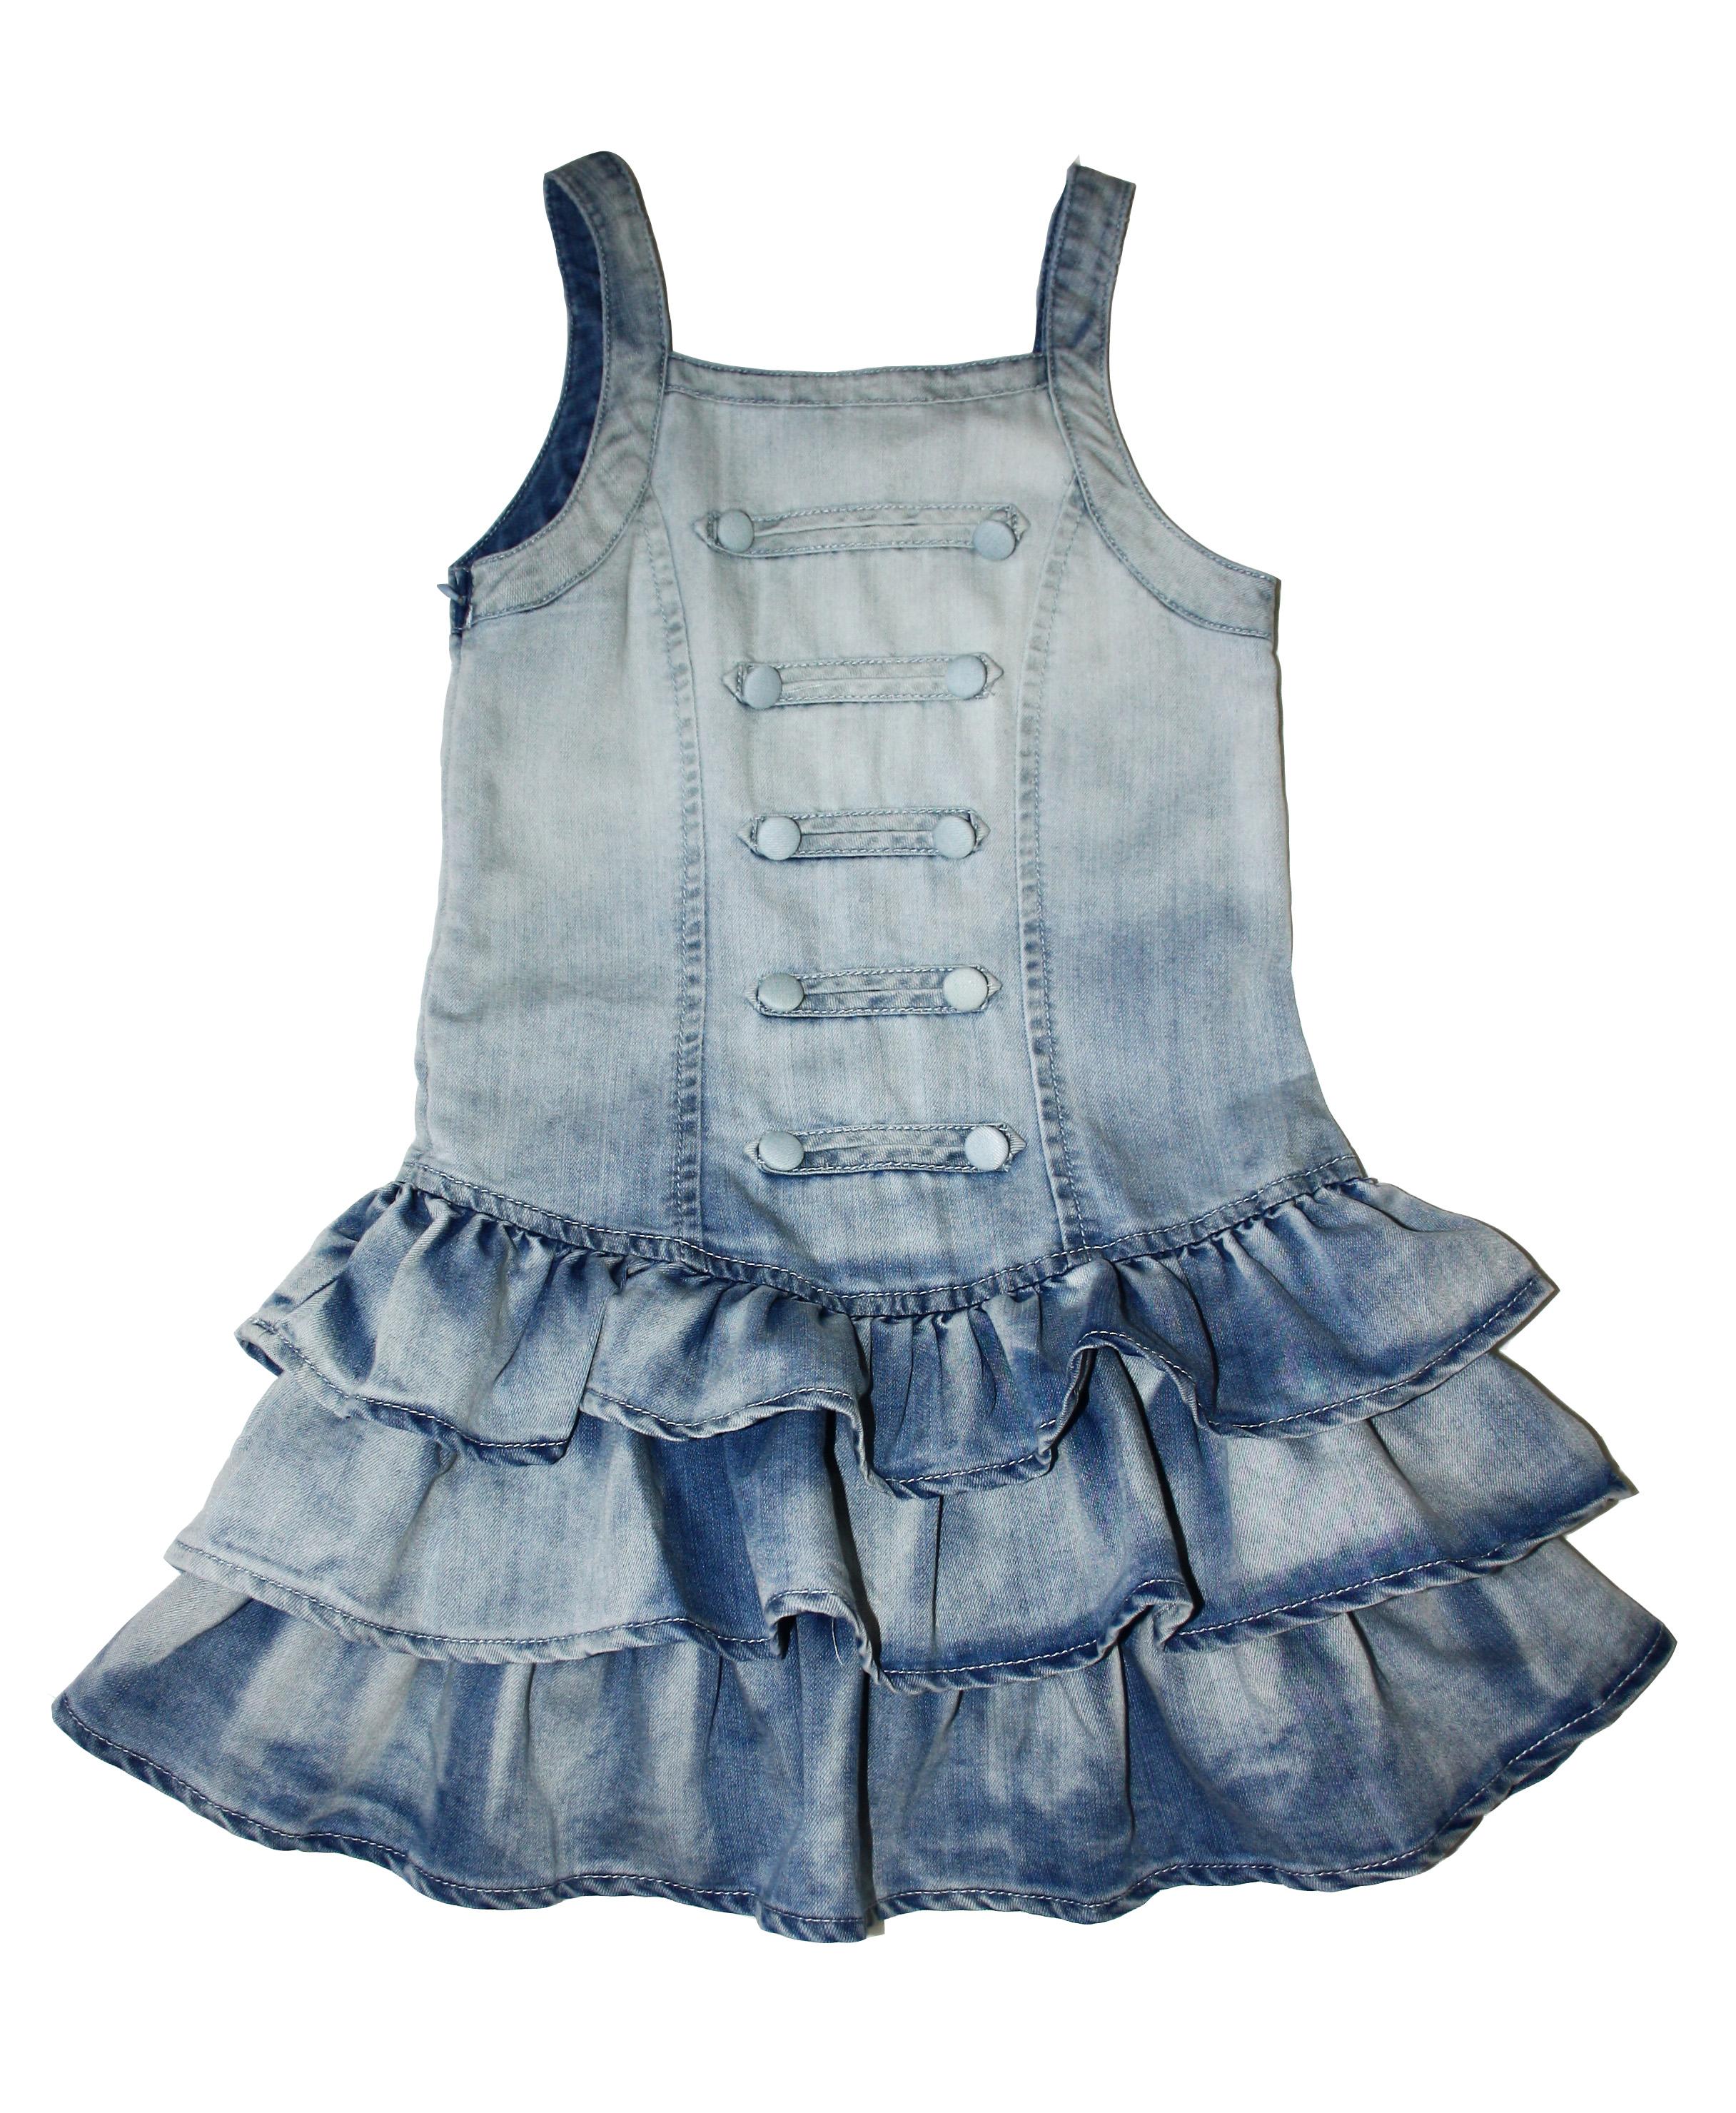 Сбор заказов. Отличная распродажа детской одежды от 100 руб (скидки 70-95%). Ряды. Выкуп- 2